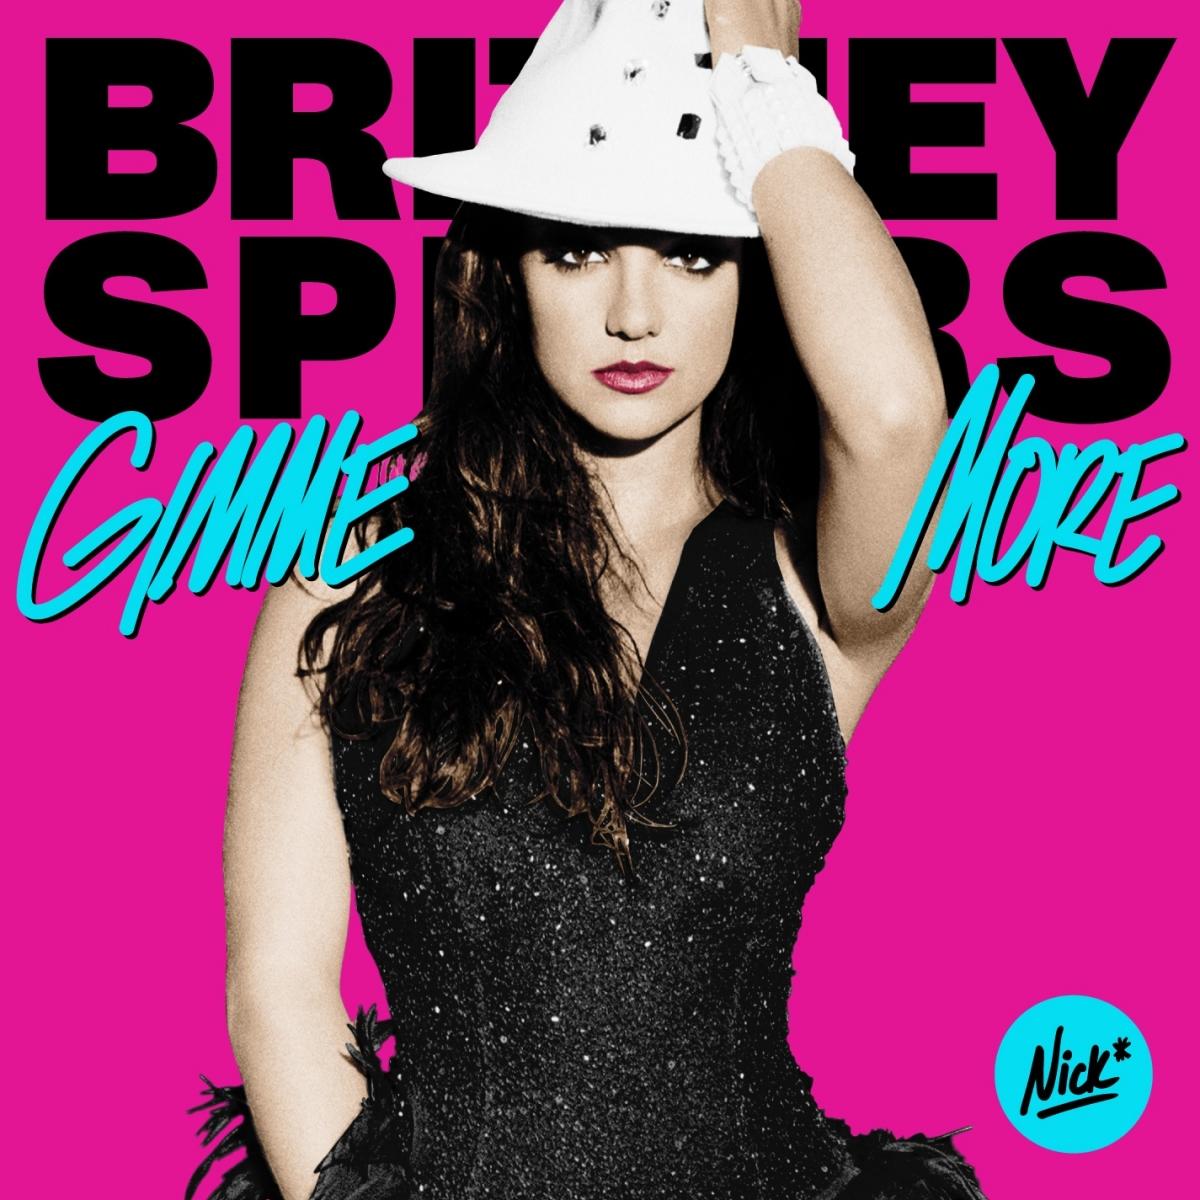 """Vào cuối năm 2007, Britney trở lại với thị trường âm nhạc bằng album thứ năm mang tên """"Blackout"""". Và ca khúc """"Gimme More"""" nằm trong album đã hai tuần liên tiếp đứng vị trí thứ ba trong bảng xếp hạng của Billboard."""